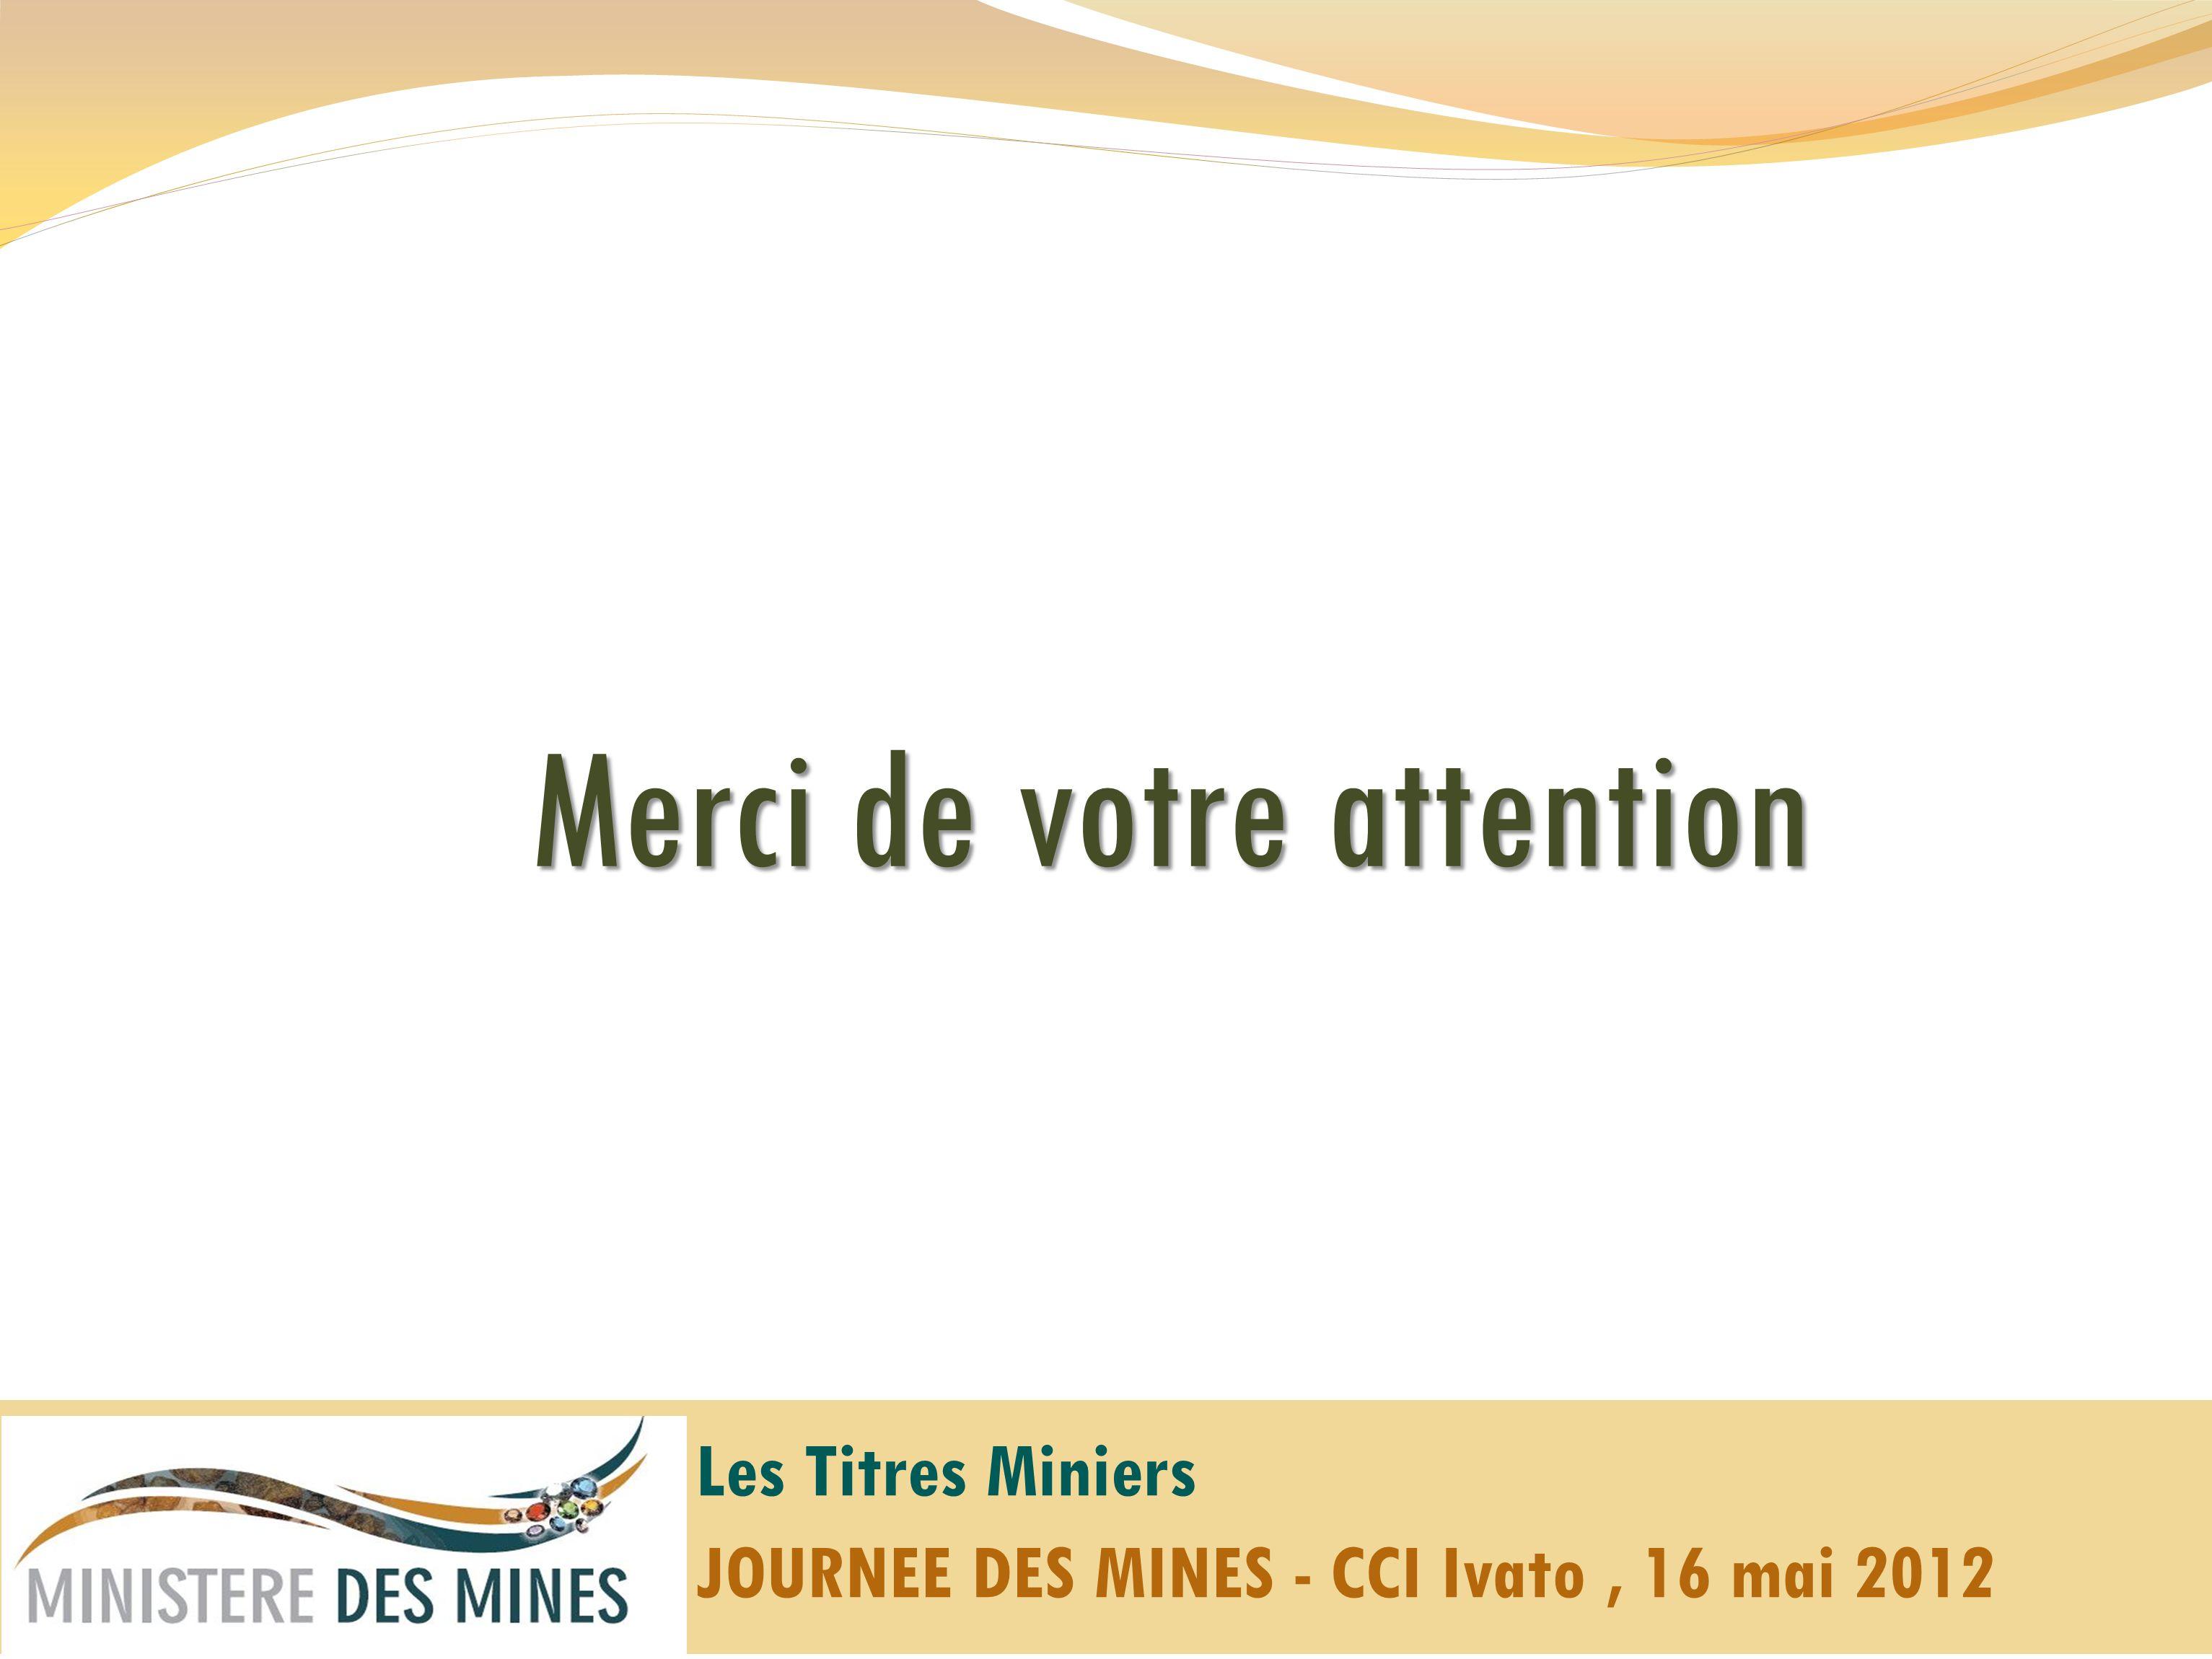 Merci de votre attention Les Titres Miniers JOURNEE DES MINES - CCI Ivato, 16 mai 2012